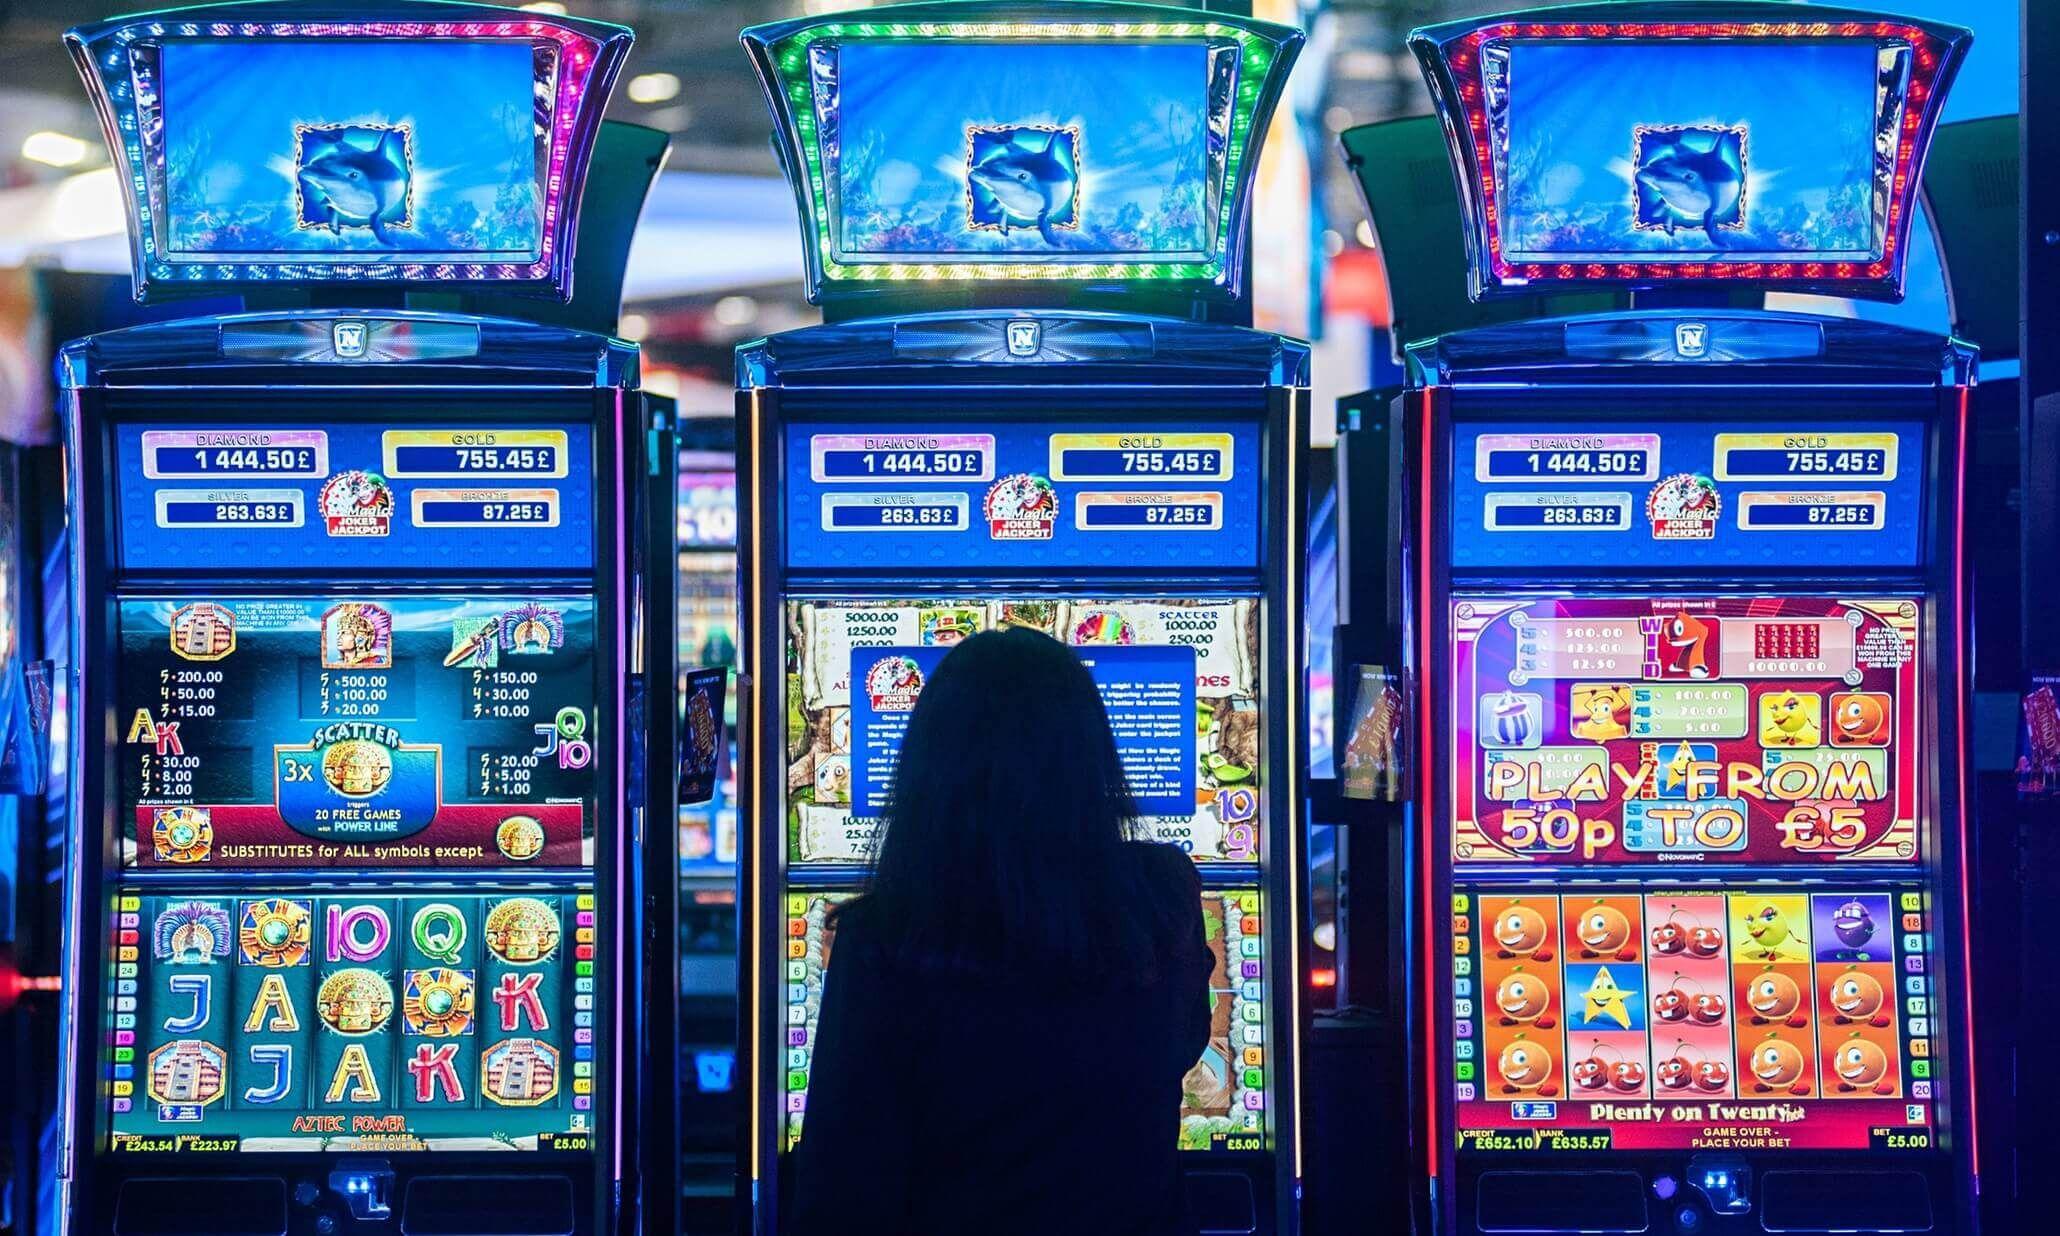 Powered by bmforum plus игровые автоматы онлайн бесплатно играть правила играть в карты дурака